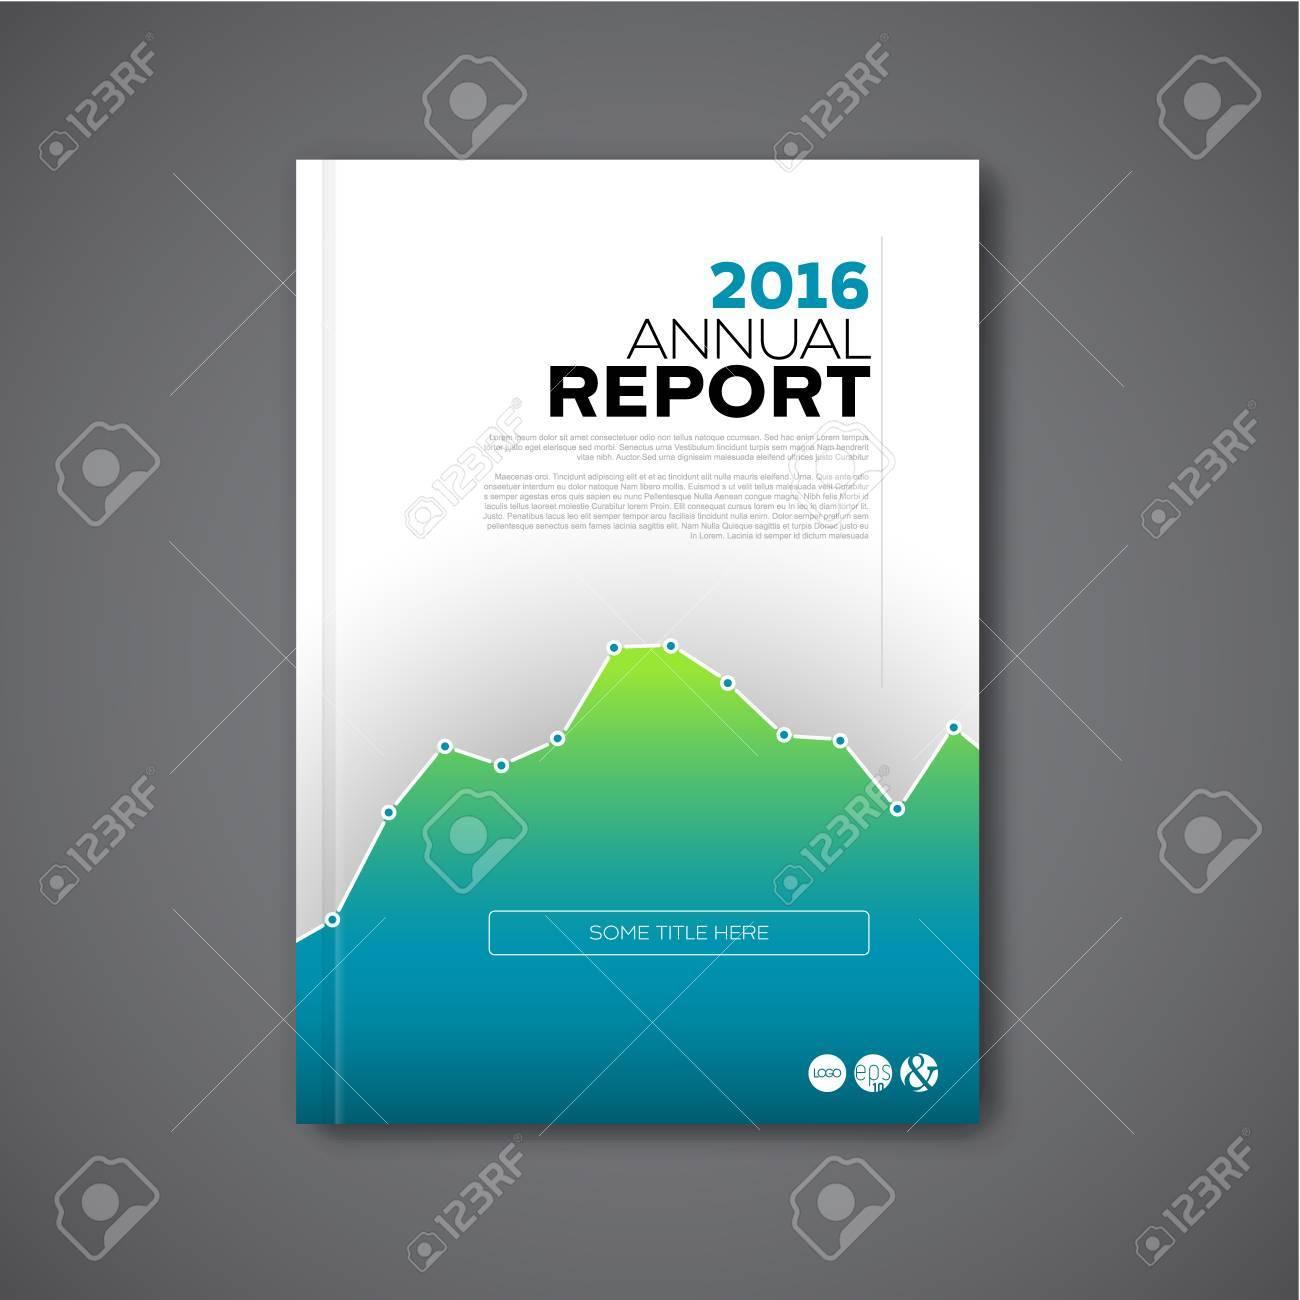 Revisión Anual Informe De Plantilla De Diseño Moderno Del Vector Con ...